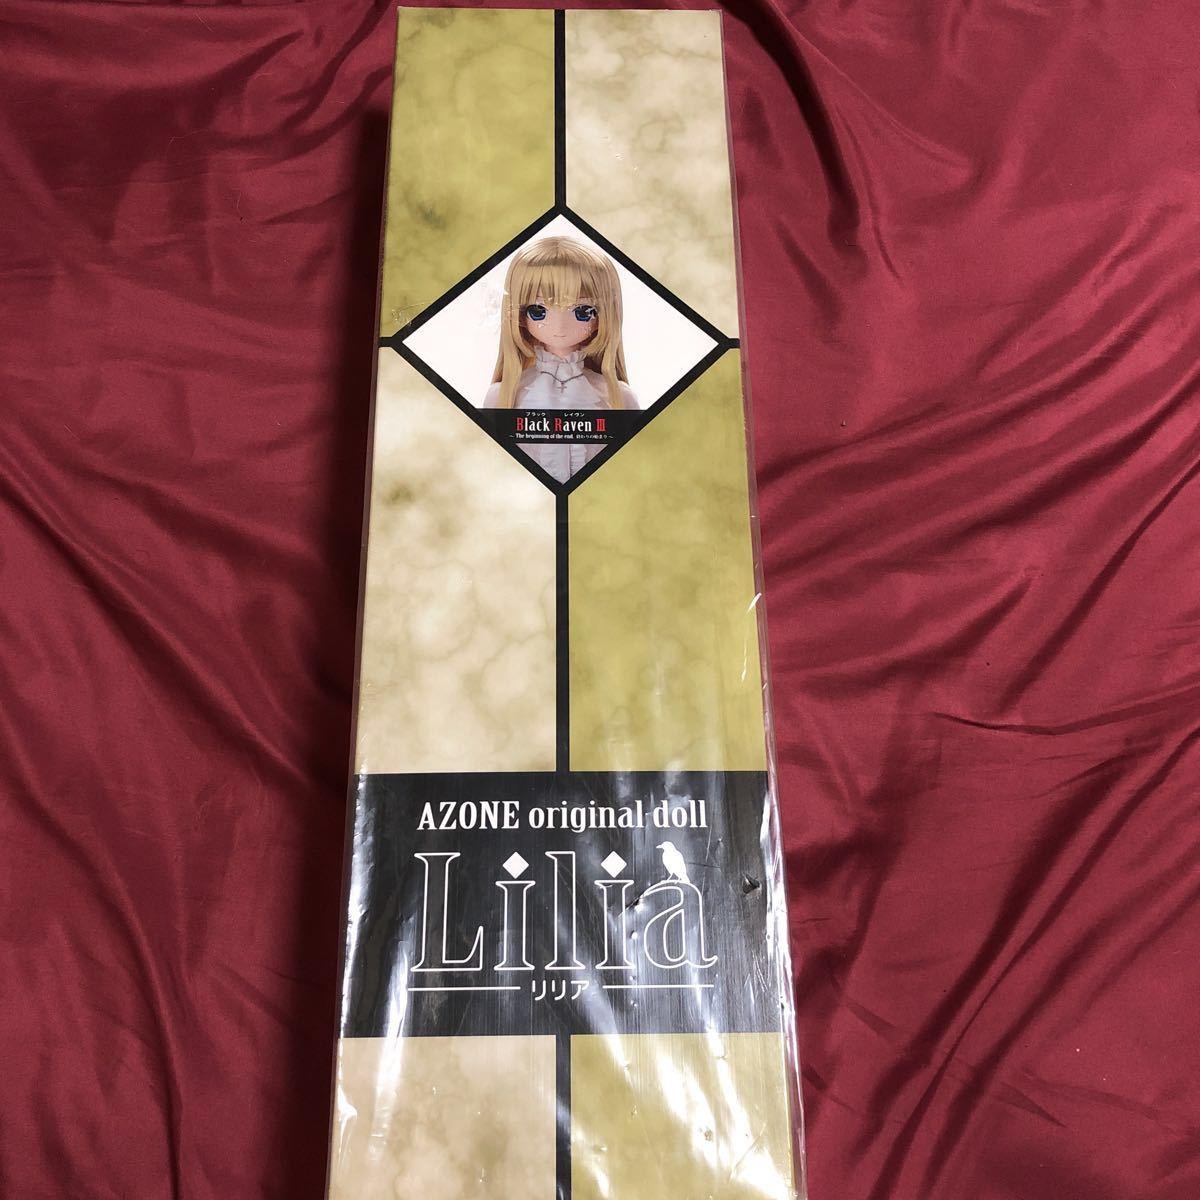 新品 早い者勝ち!! アゾン リリア ブラックレイヴンⅢ AZONE original doll Lilia Black Raven Ⅲ ドール_画像2